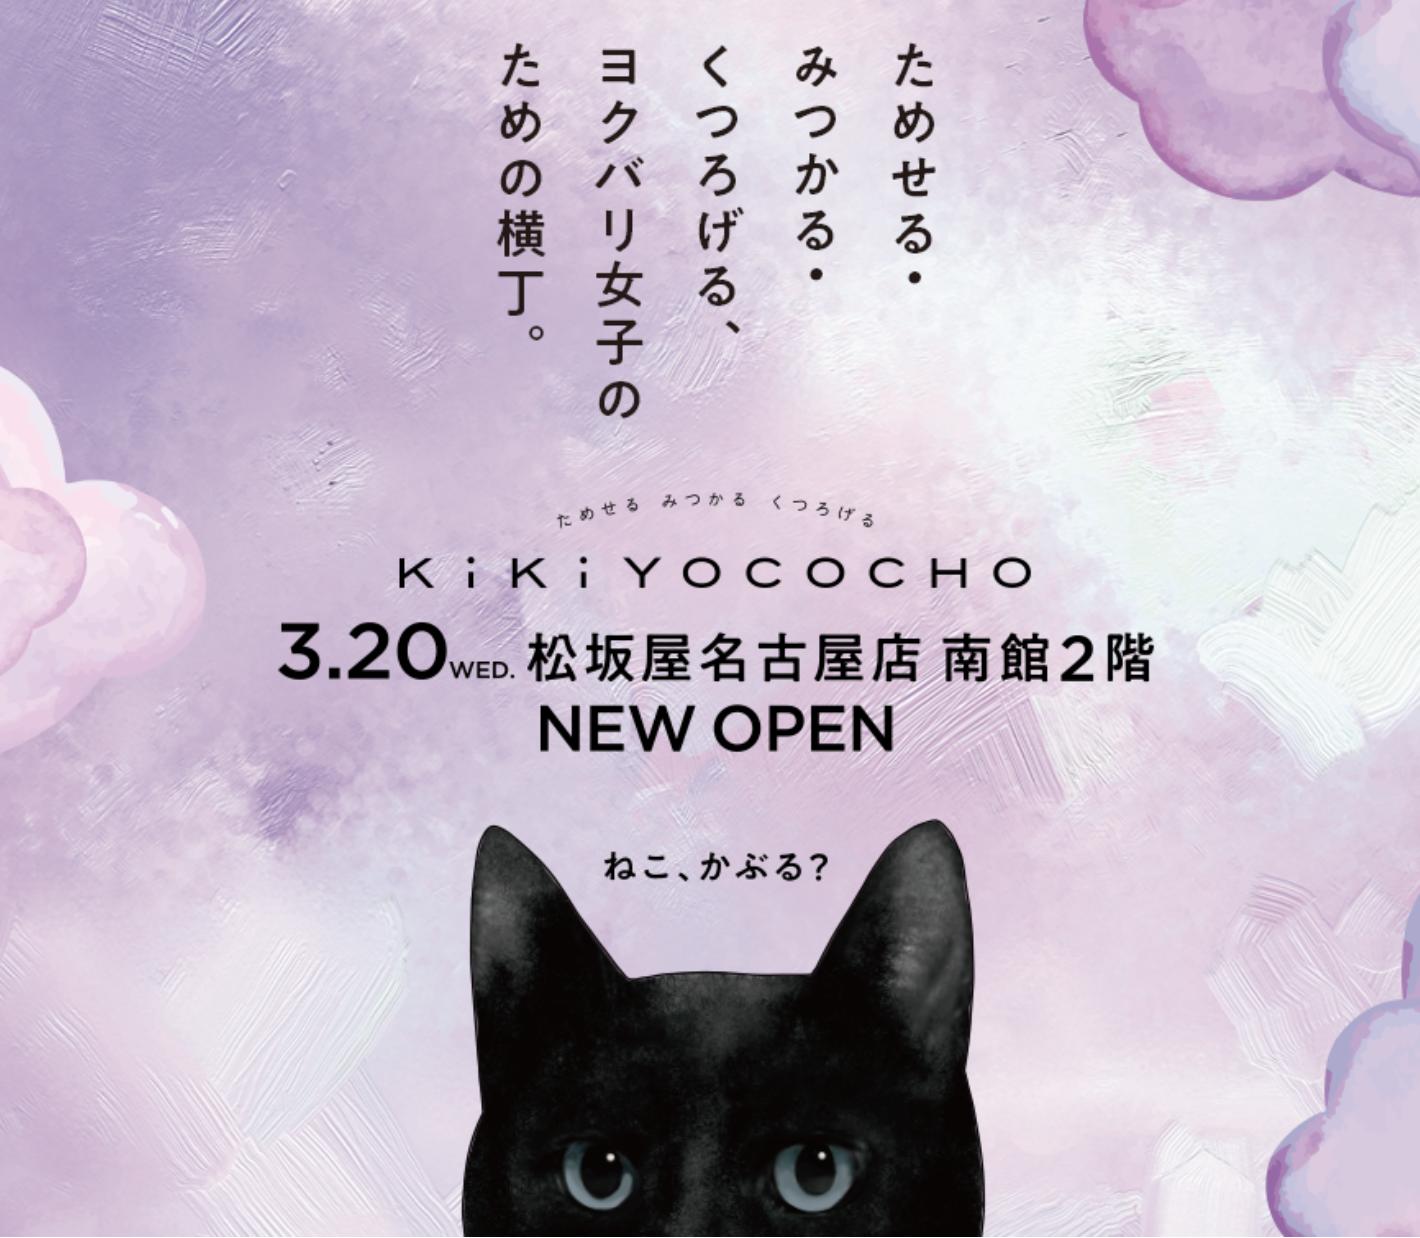 ナゴヤ女子必見!美・食・雑貨のフロア「KiKi YOCOCHO」が松坂屋南館2階にオープン!